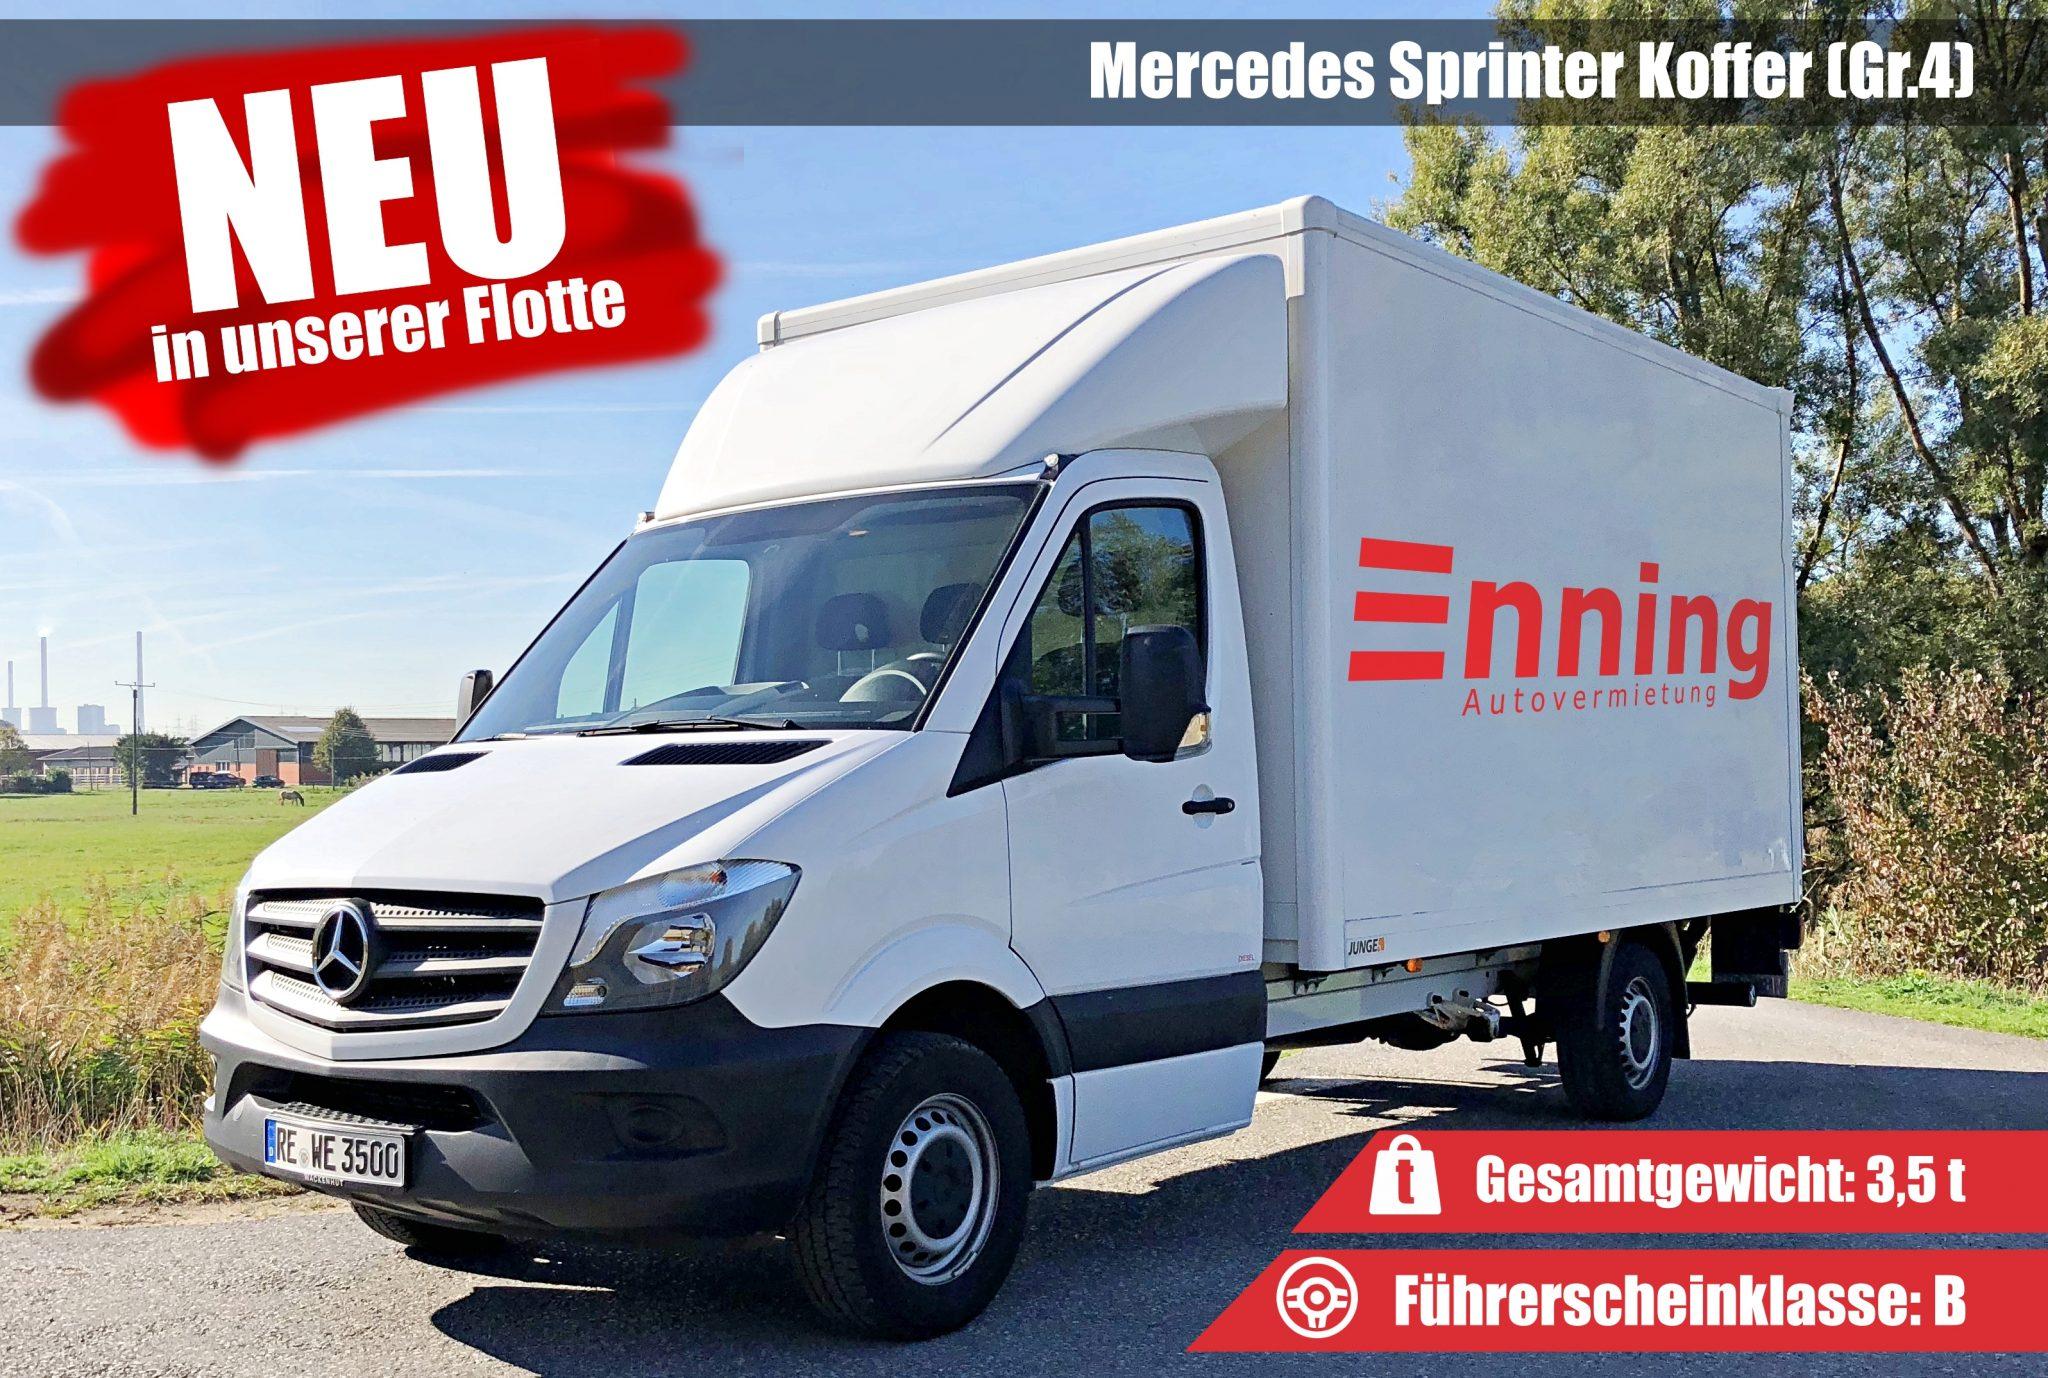 Sprinter 3,5t Facebook SparMobil Transporter Mercedes Sprinter Autovermietung Enning Dorsten